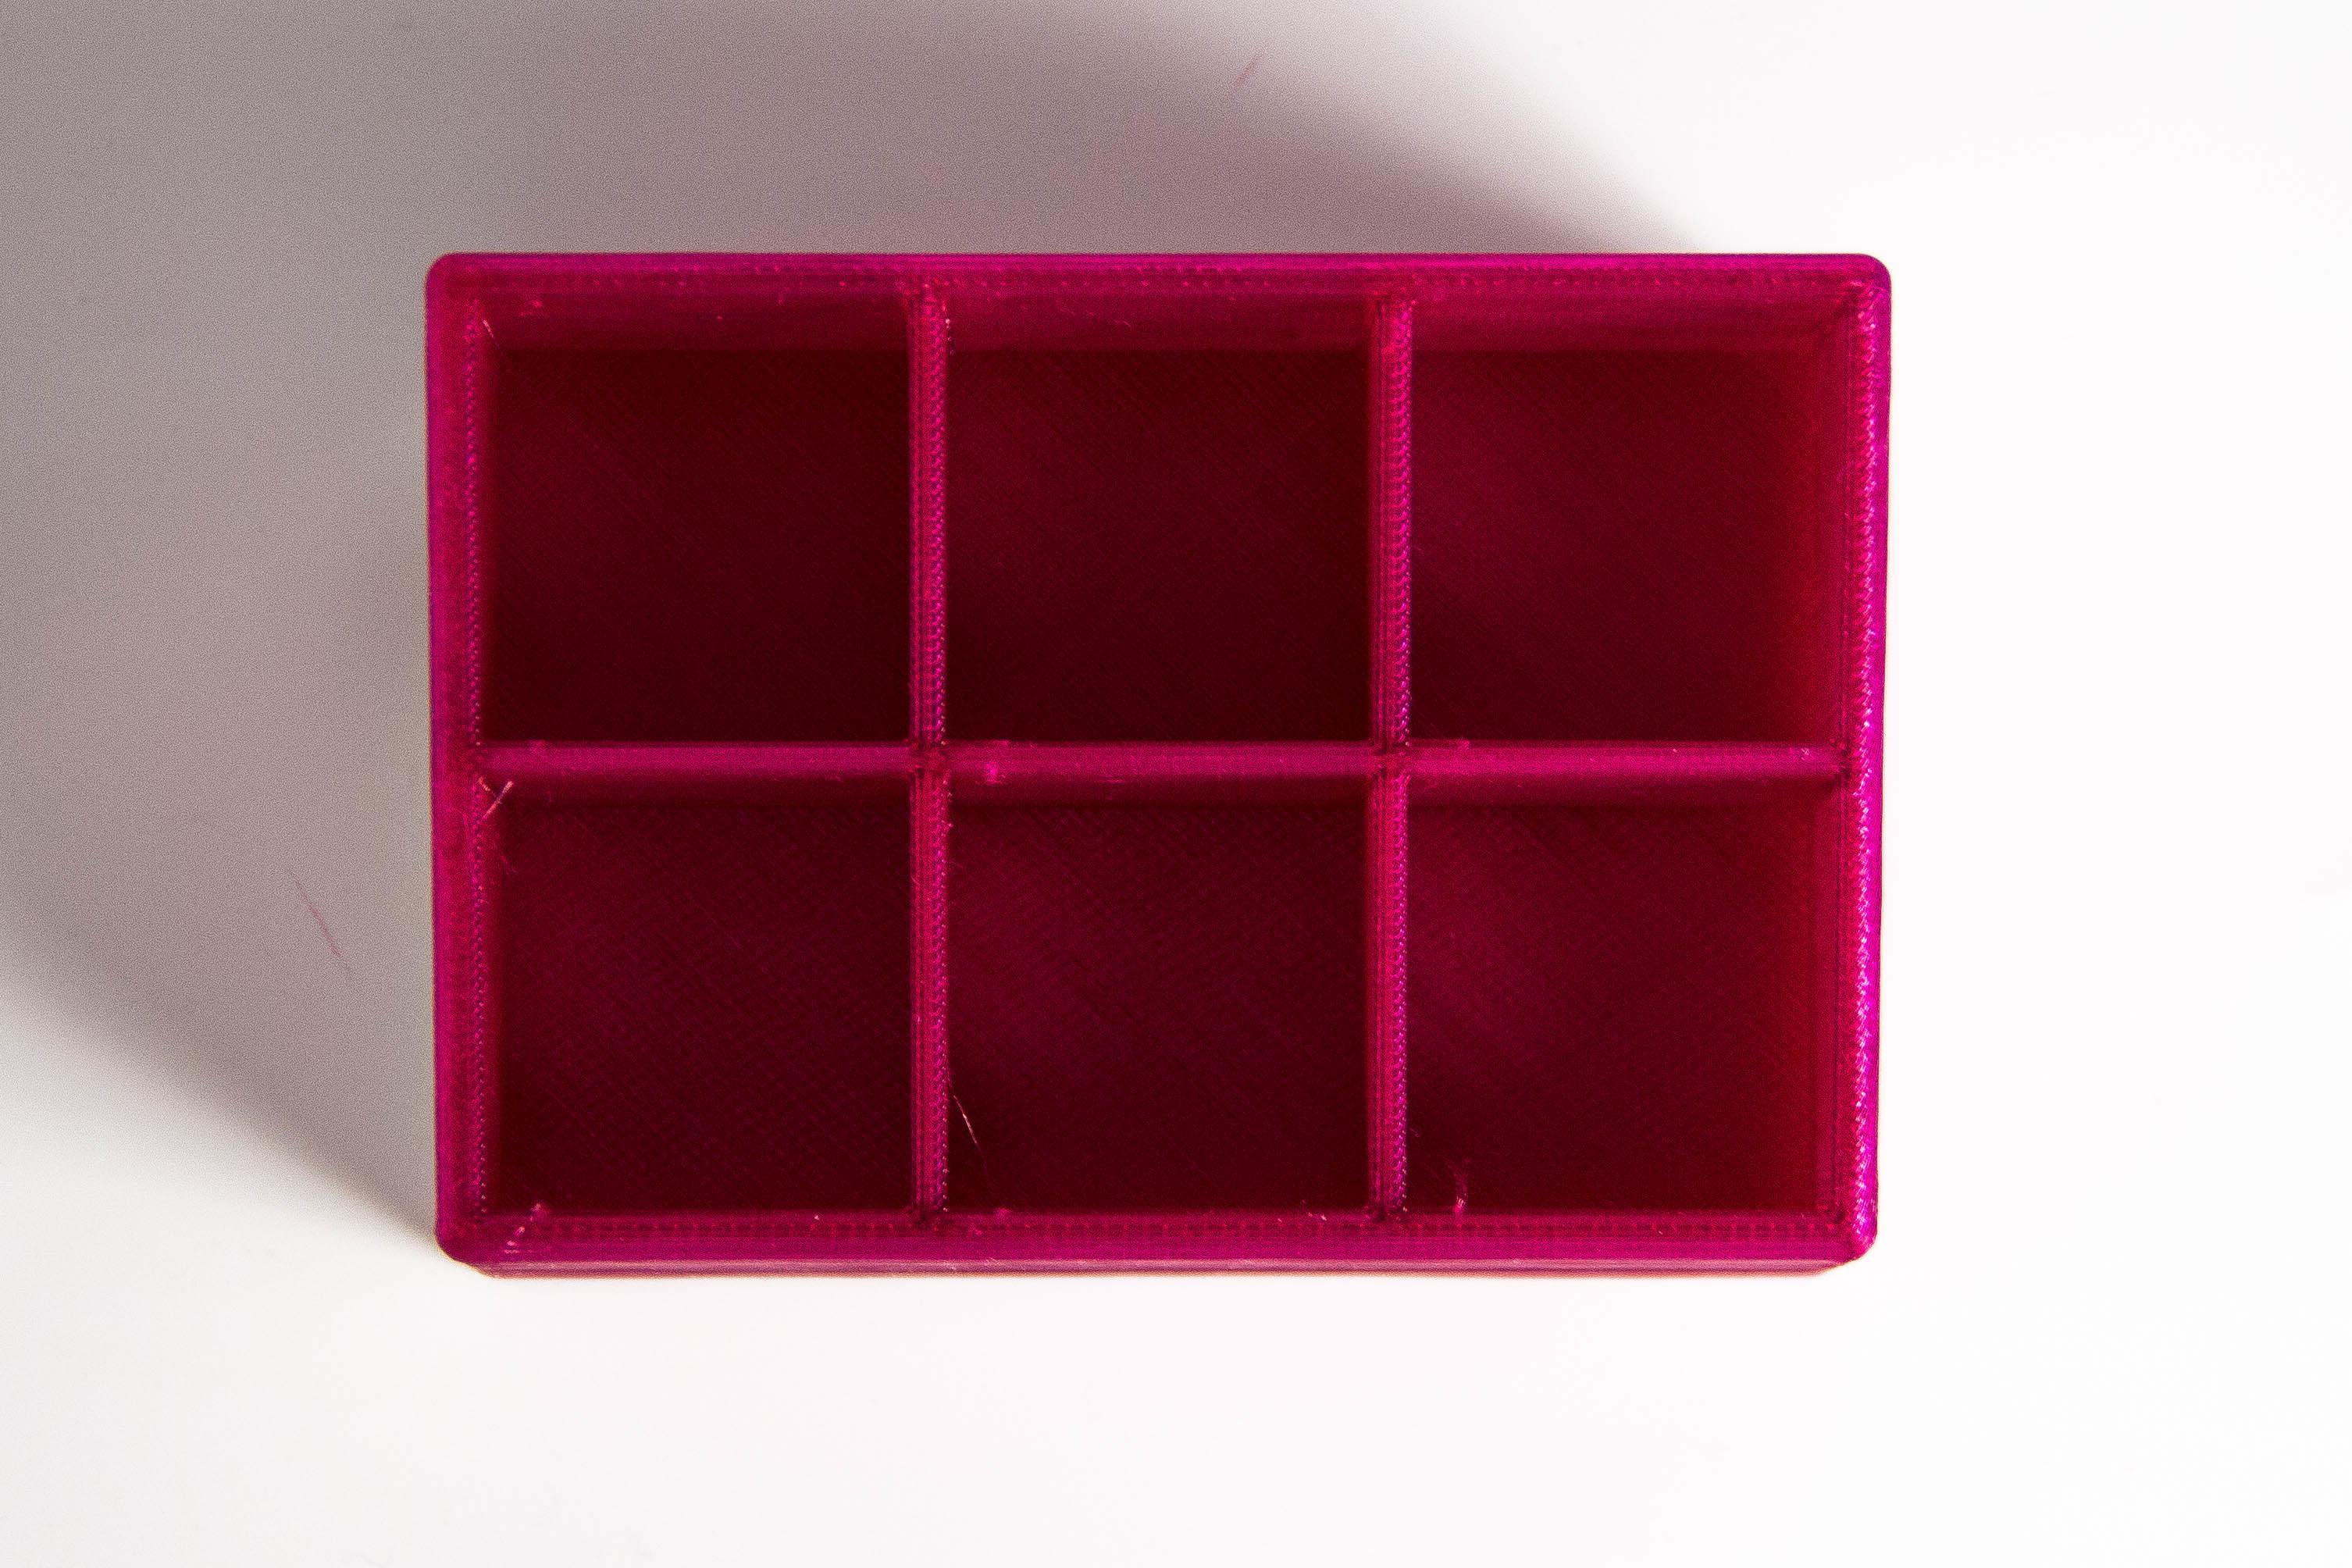 IMG_6912.jpg Download free STL file LipstickHolder • 3D printer model, Digitang3D